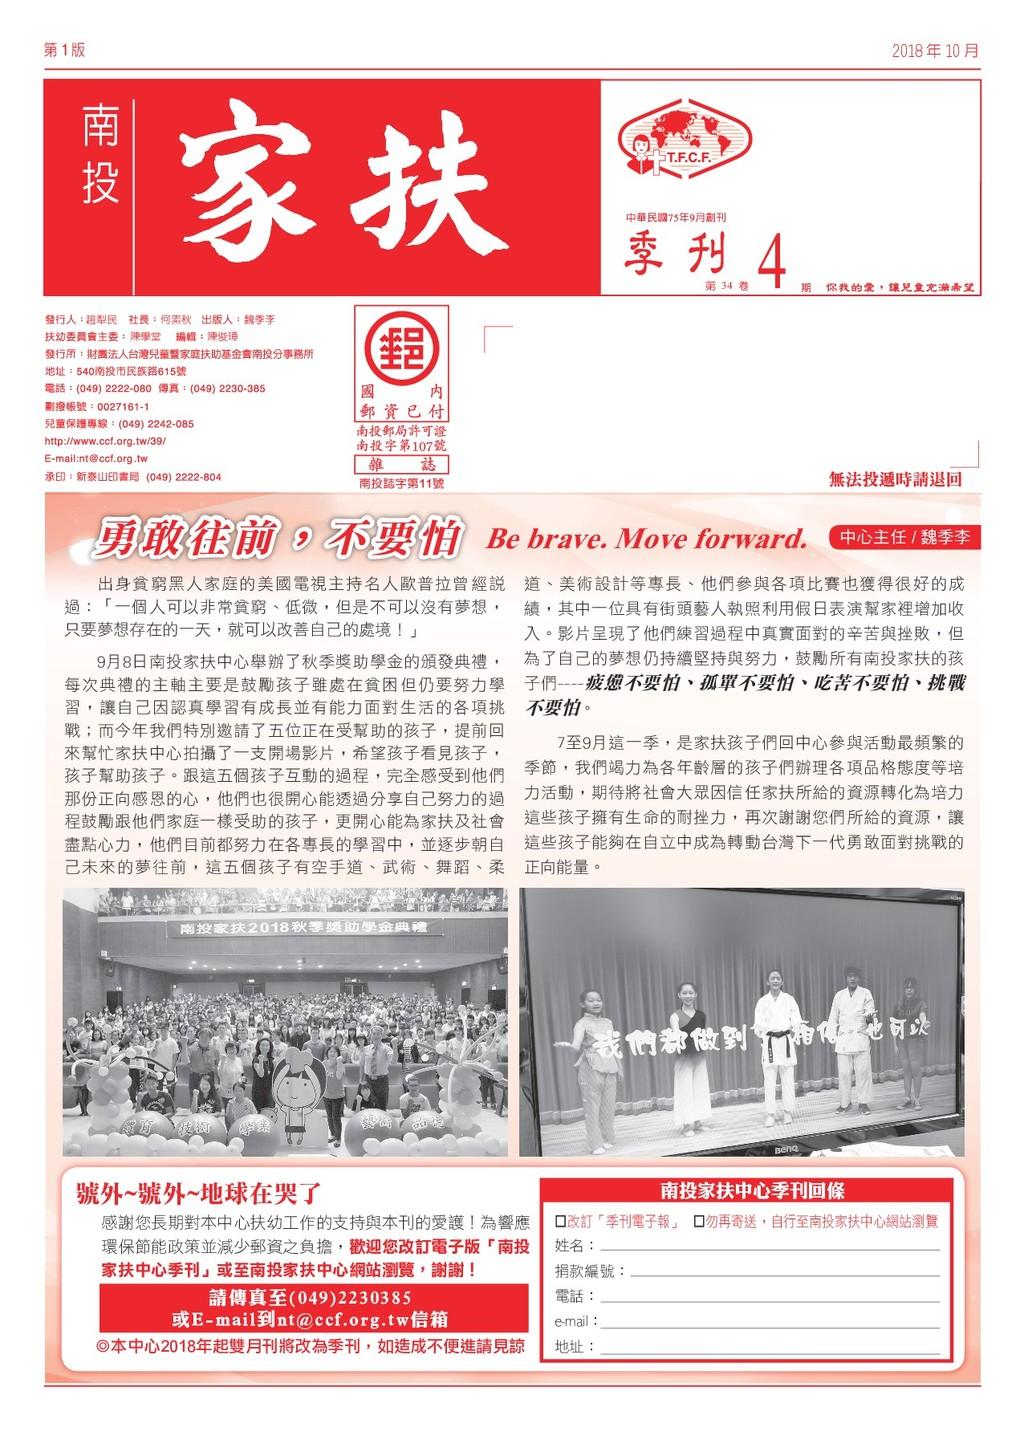 陳俊璋 魏季李 何素秋 趙犁民 陳學堂 季 刊 第 1 版 2018 年 10 月 4 34 ...